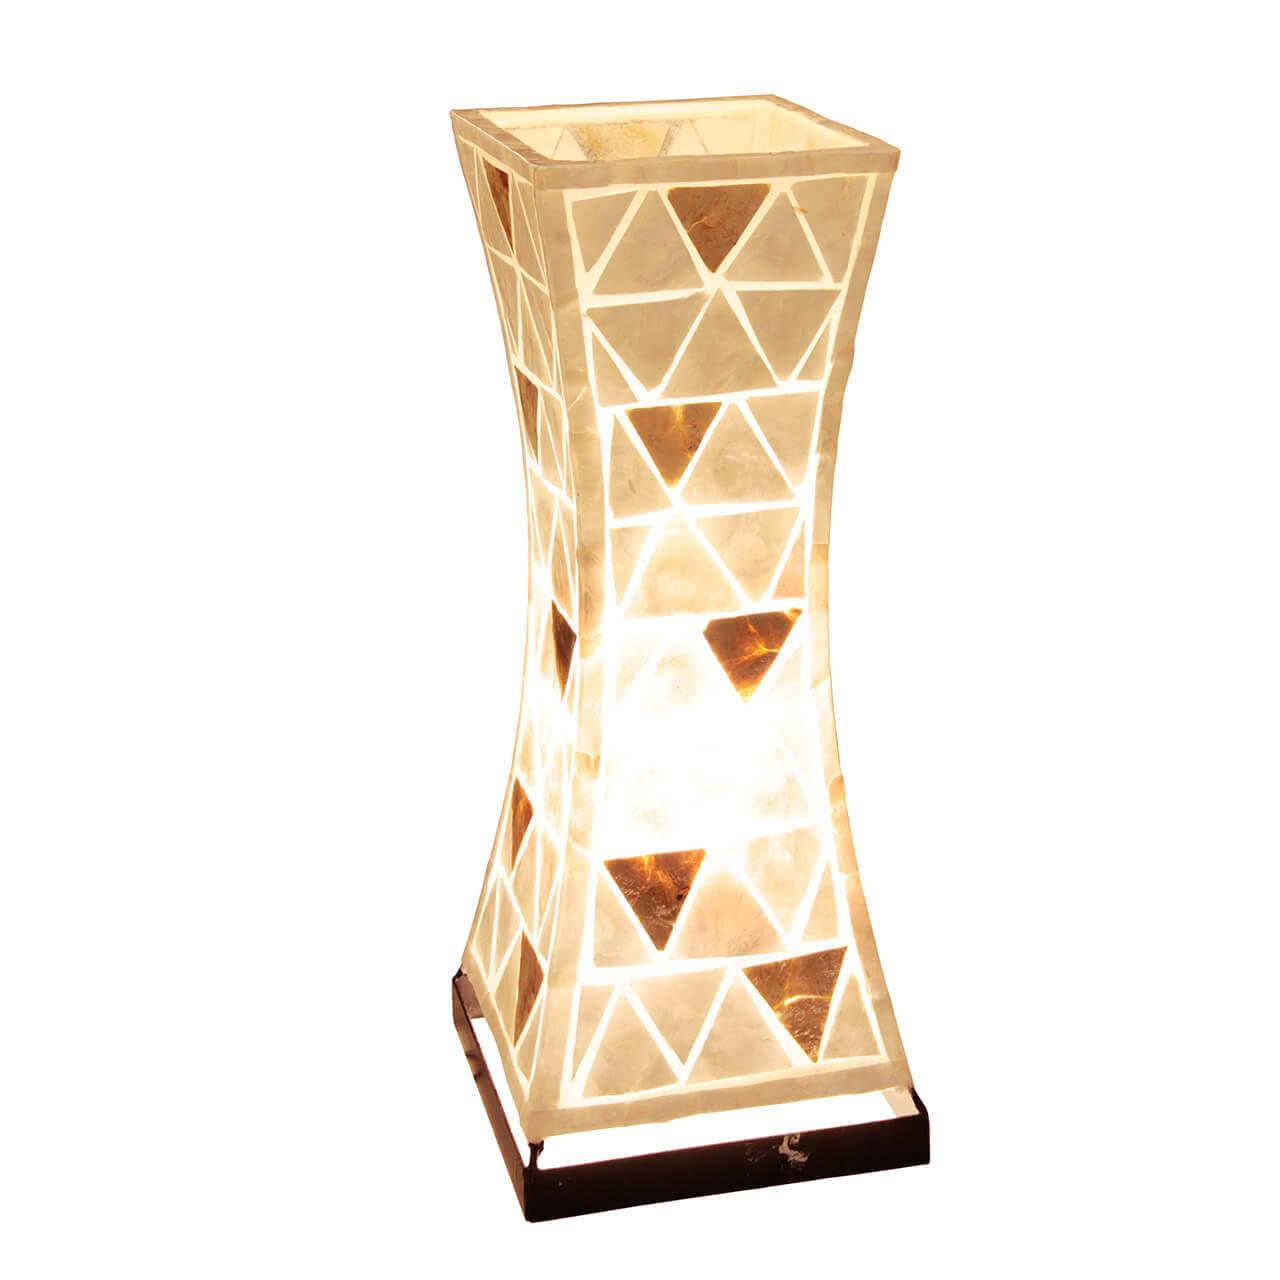 Настольная лампа Globo 25837T Bali настольная лампа globo lighting bali 25837t 40 вт